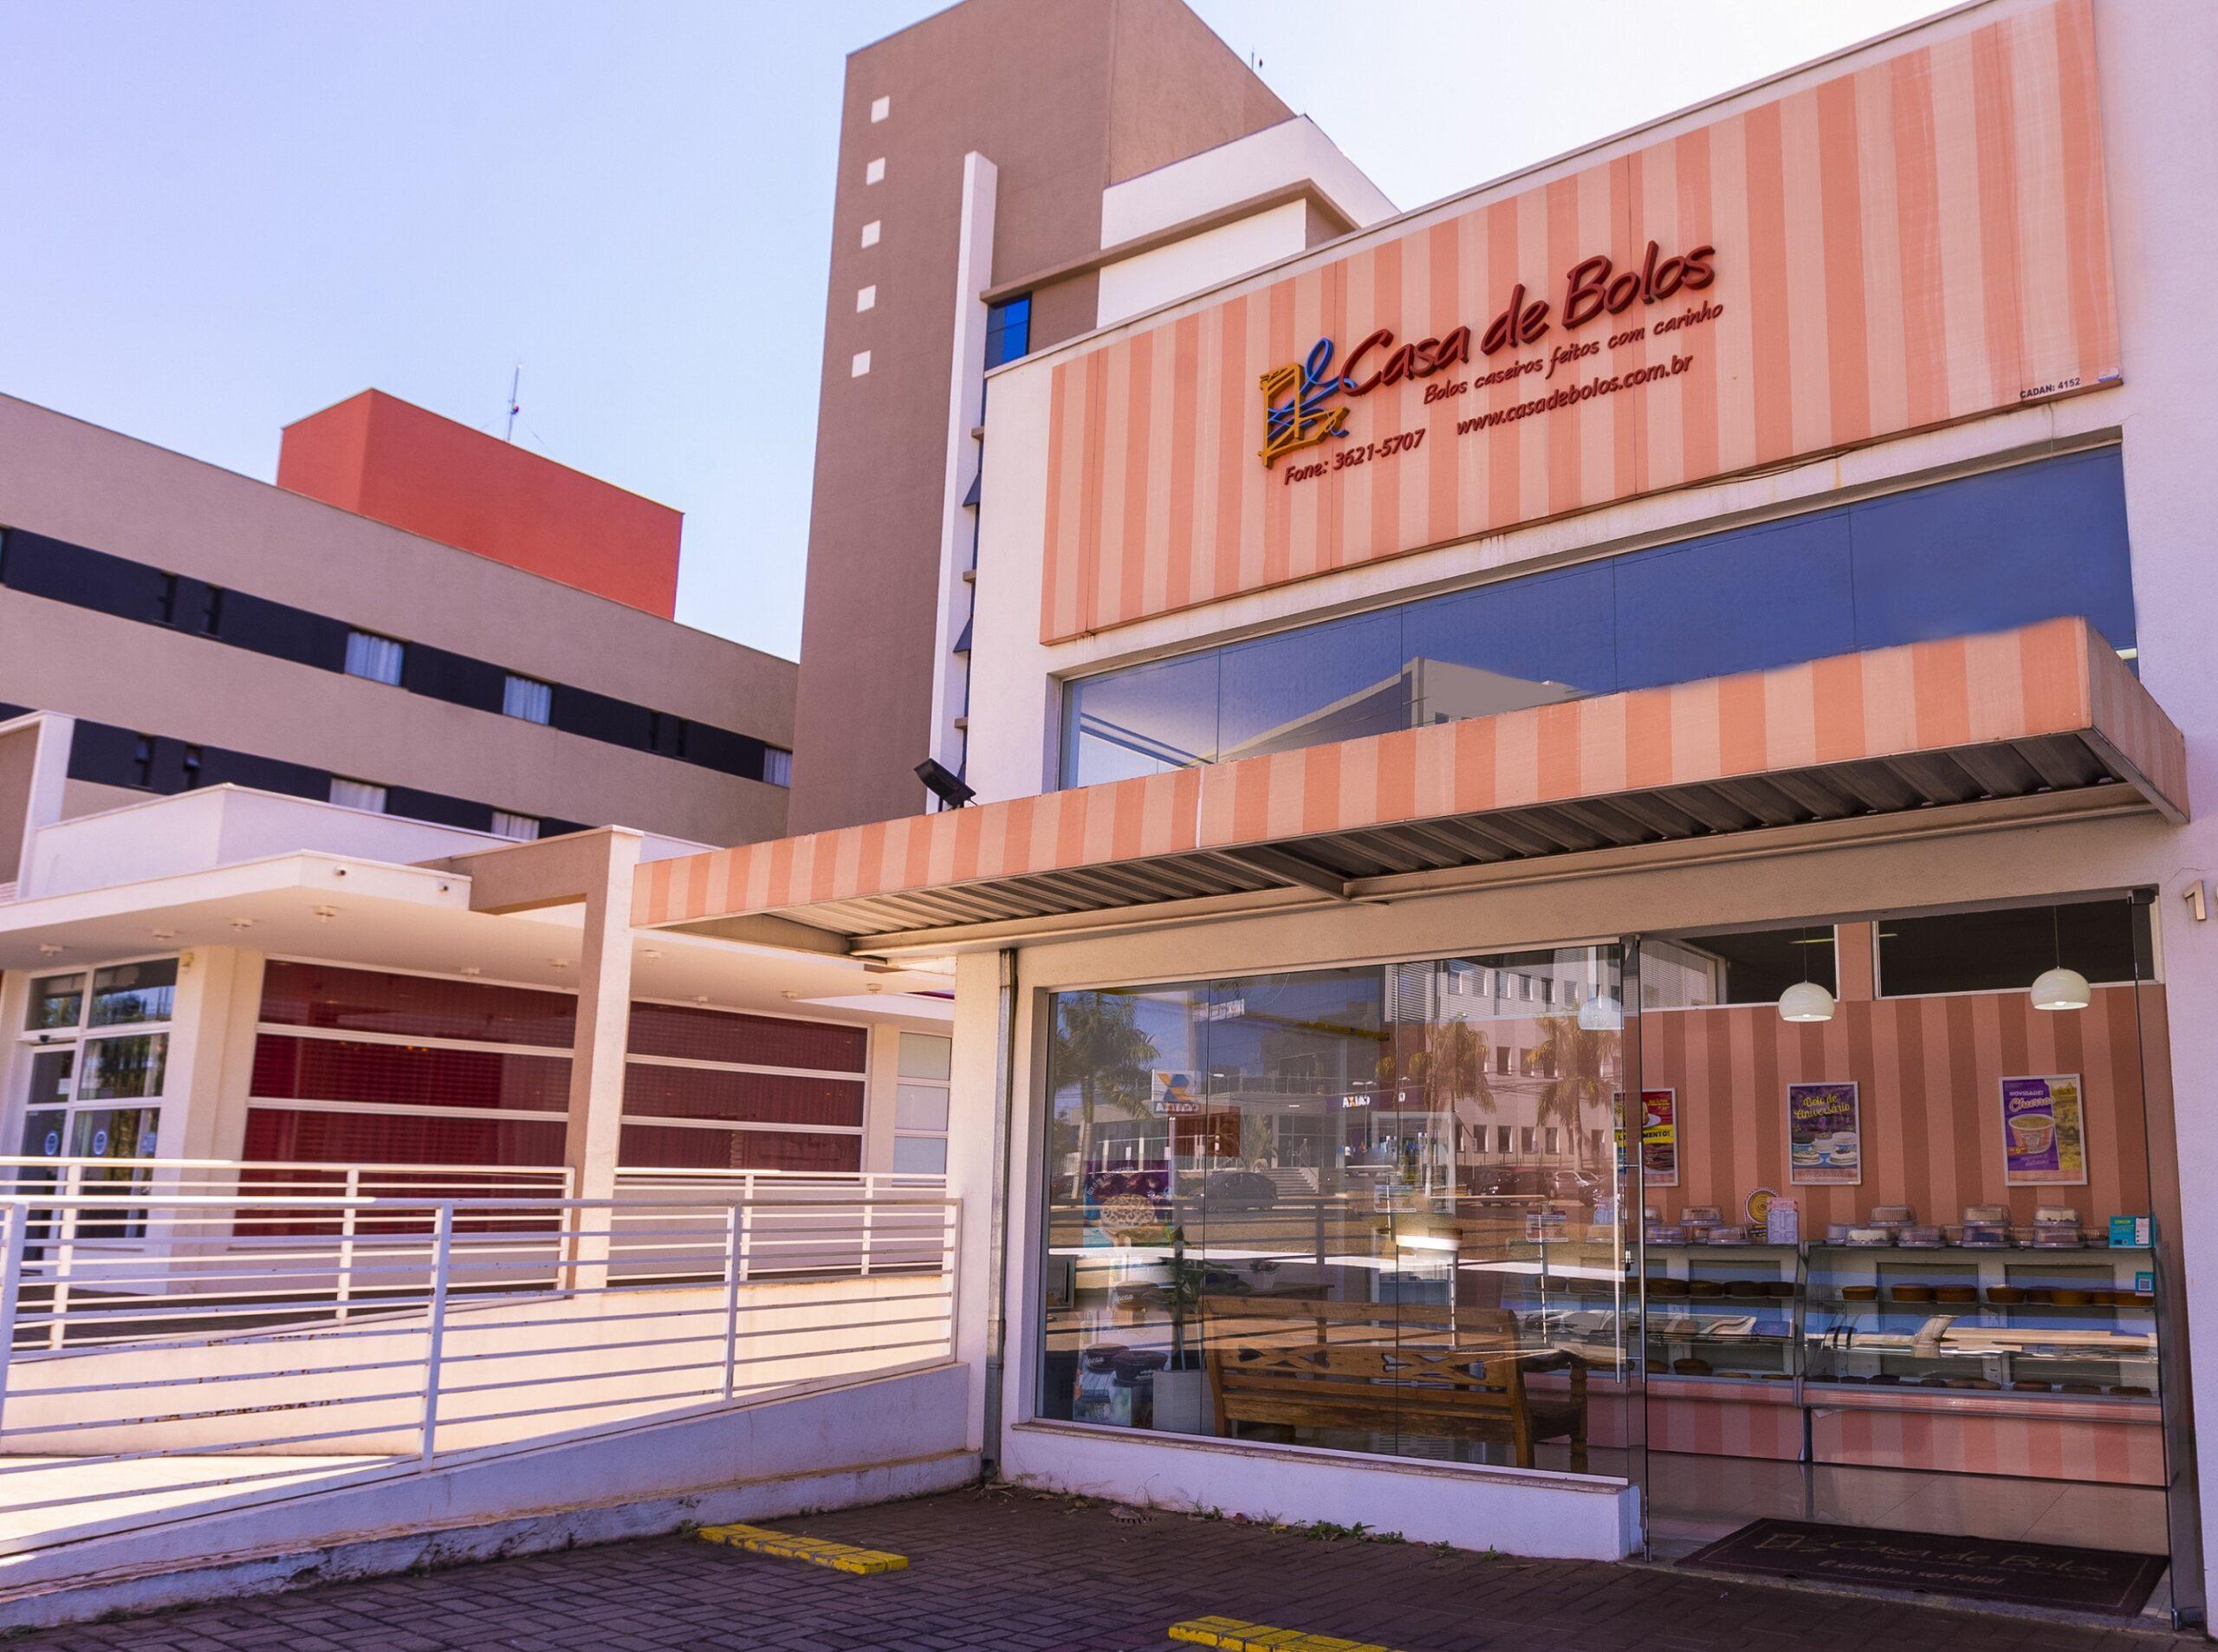 Casa de Bolos - Foto: Divulgação